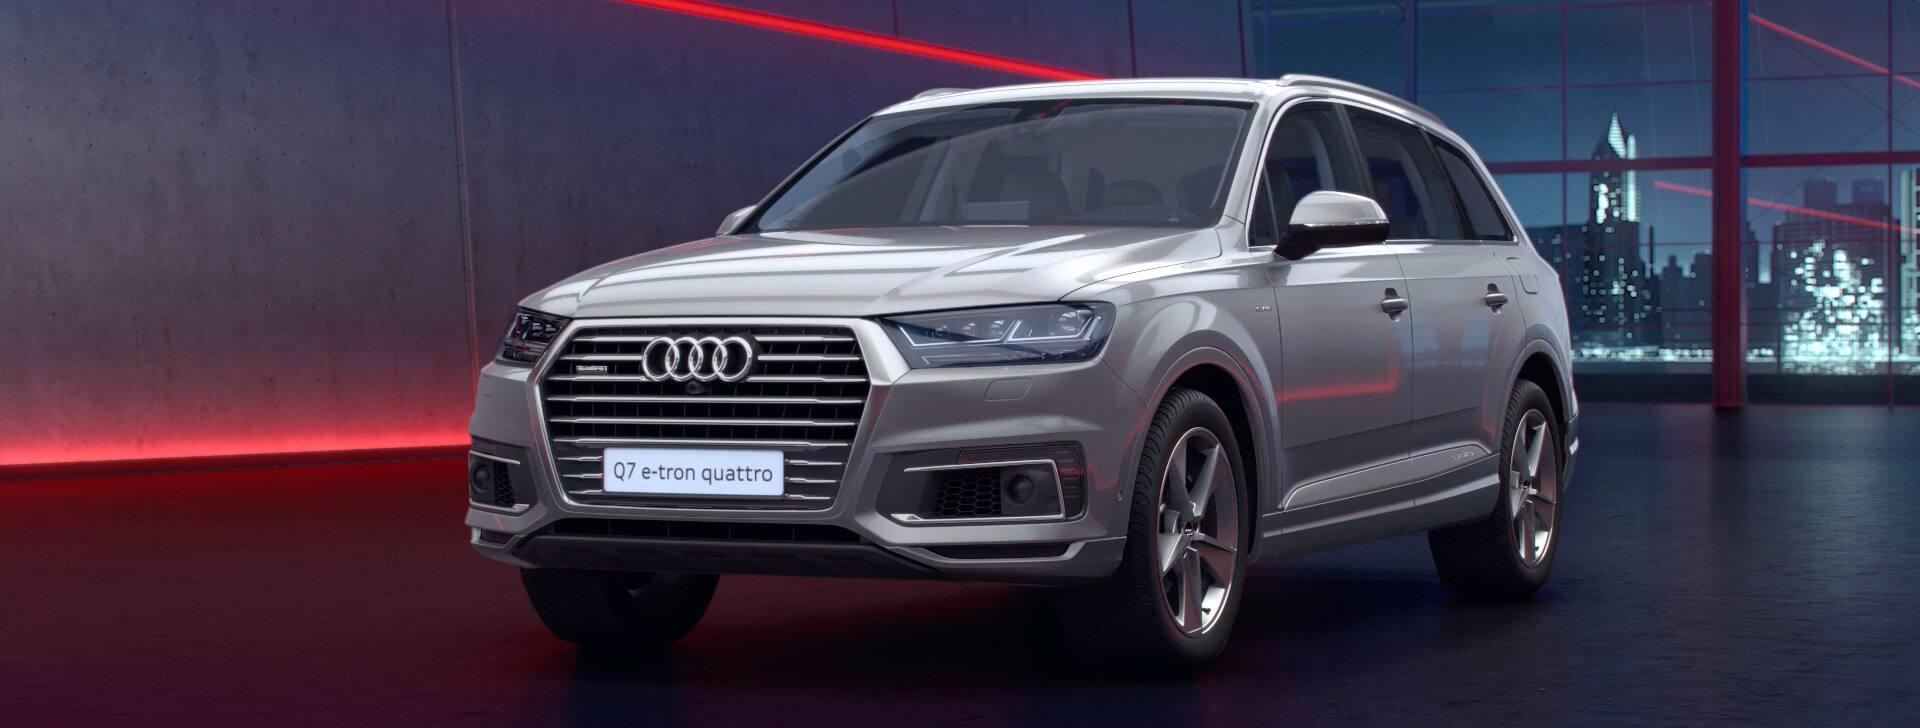 Audi q7 etron quattro technische daten 13